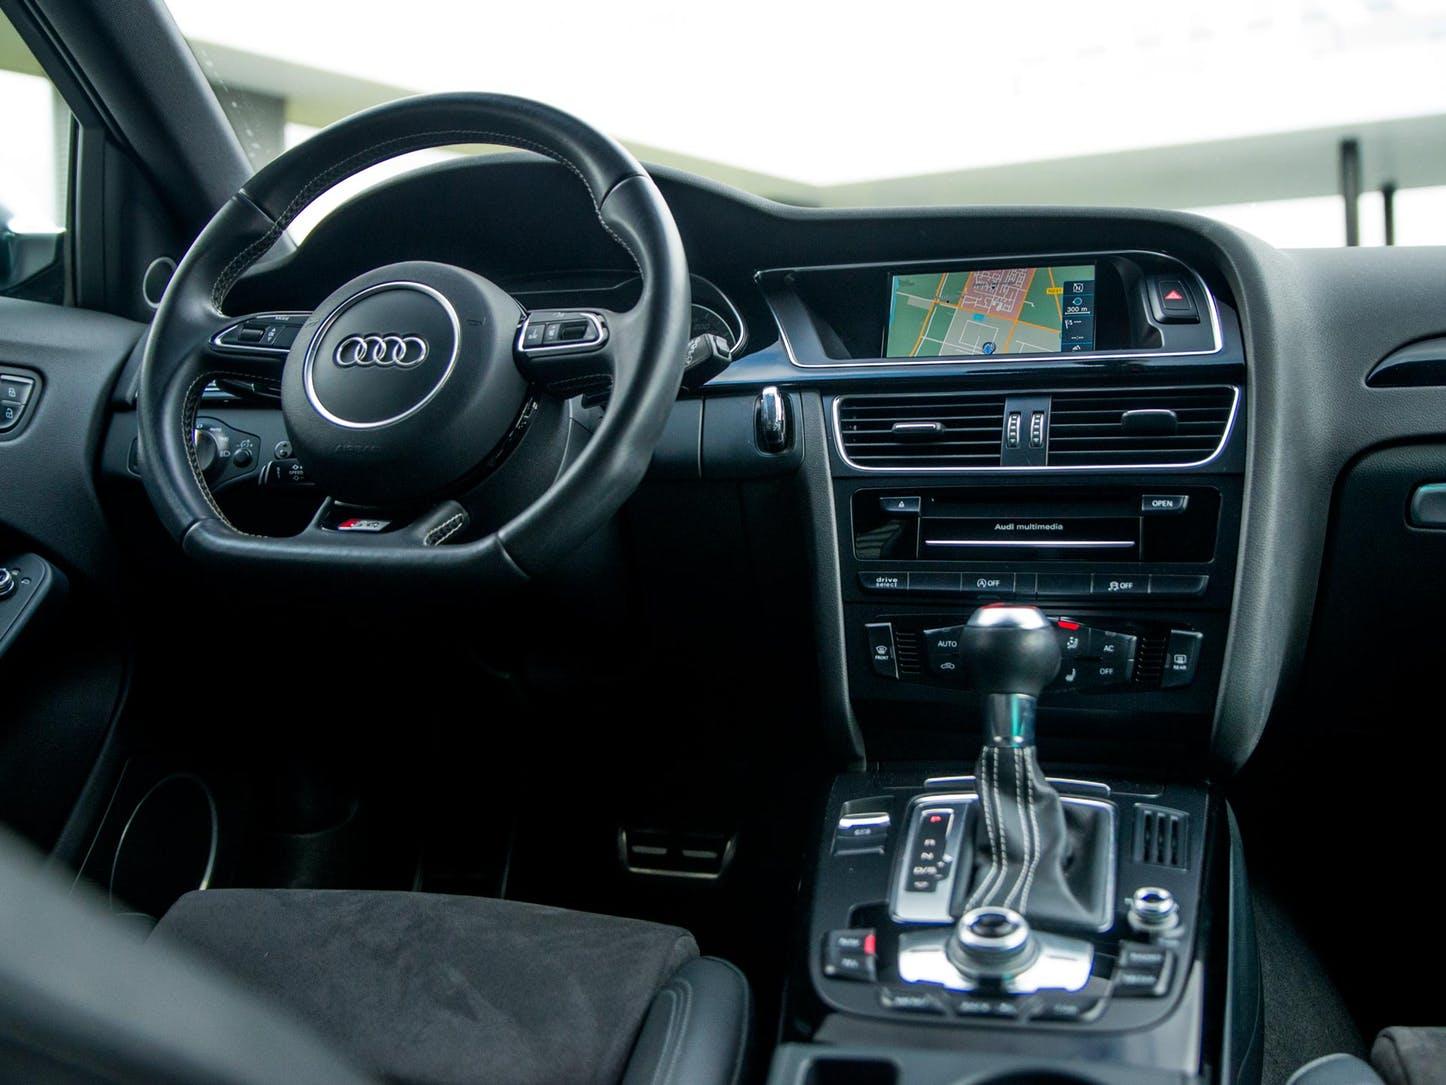 Tweedehands Audi S4 Avant occasion